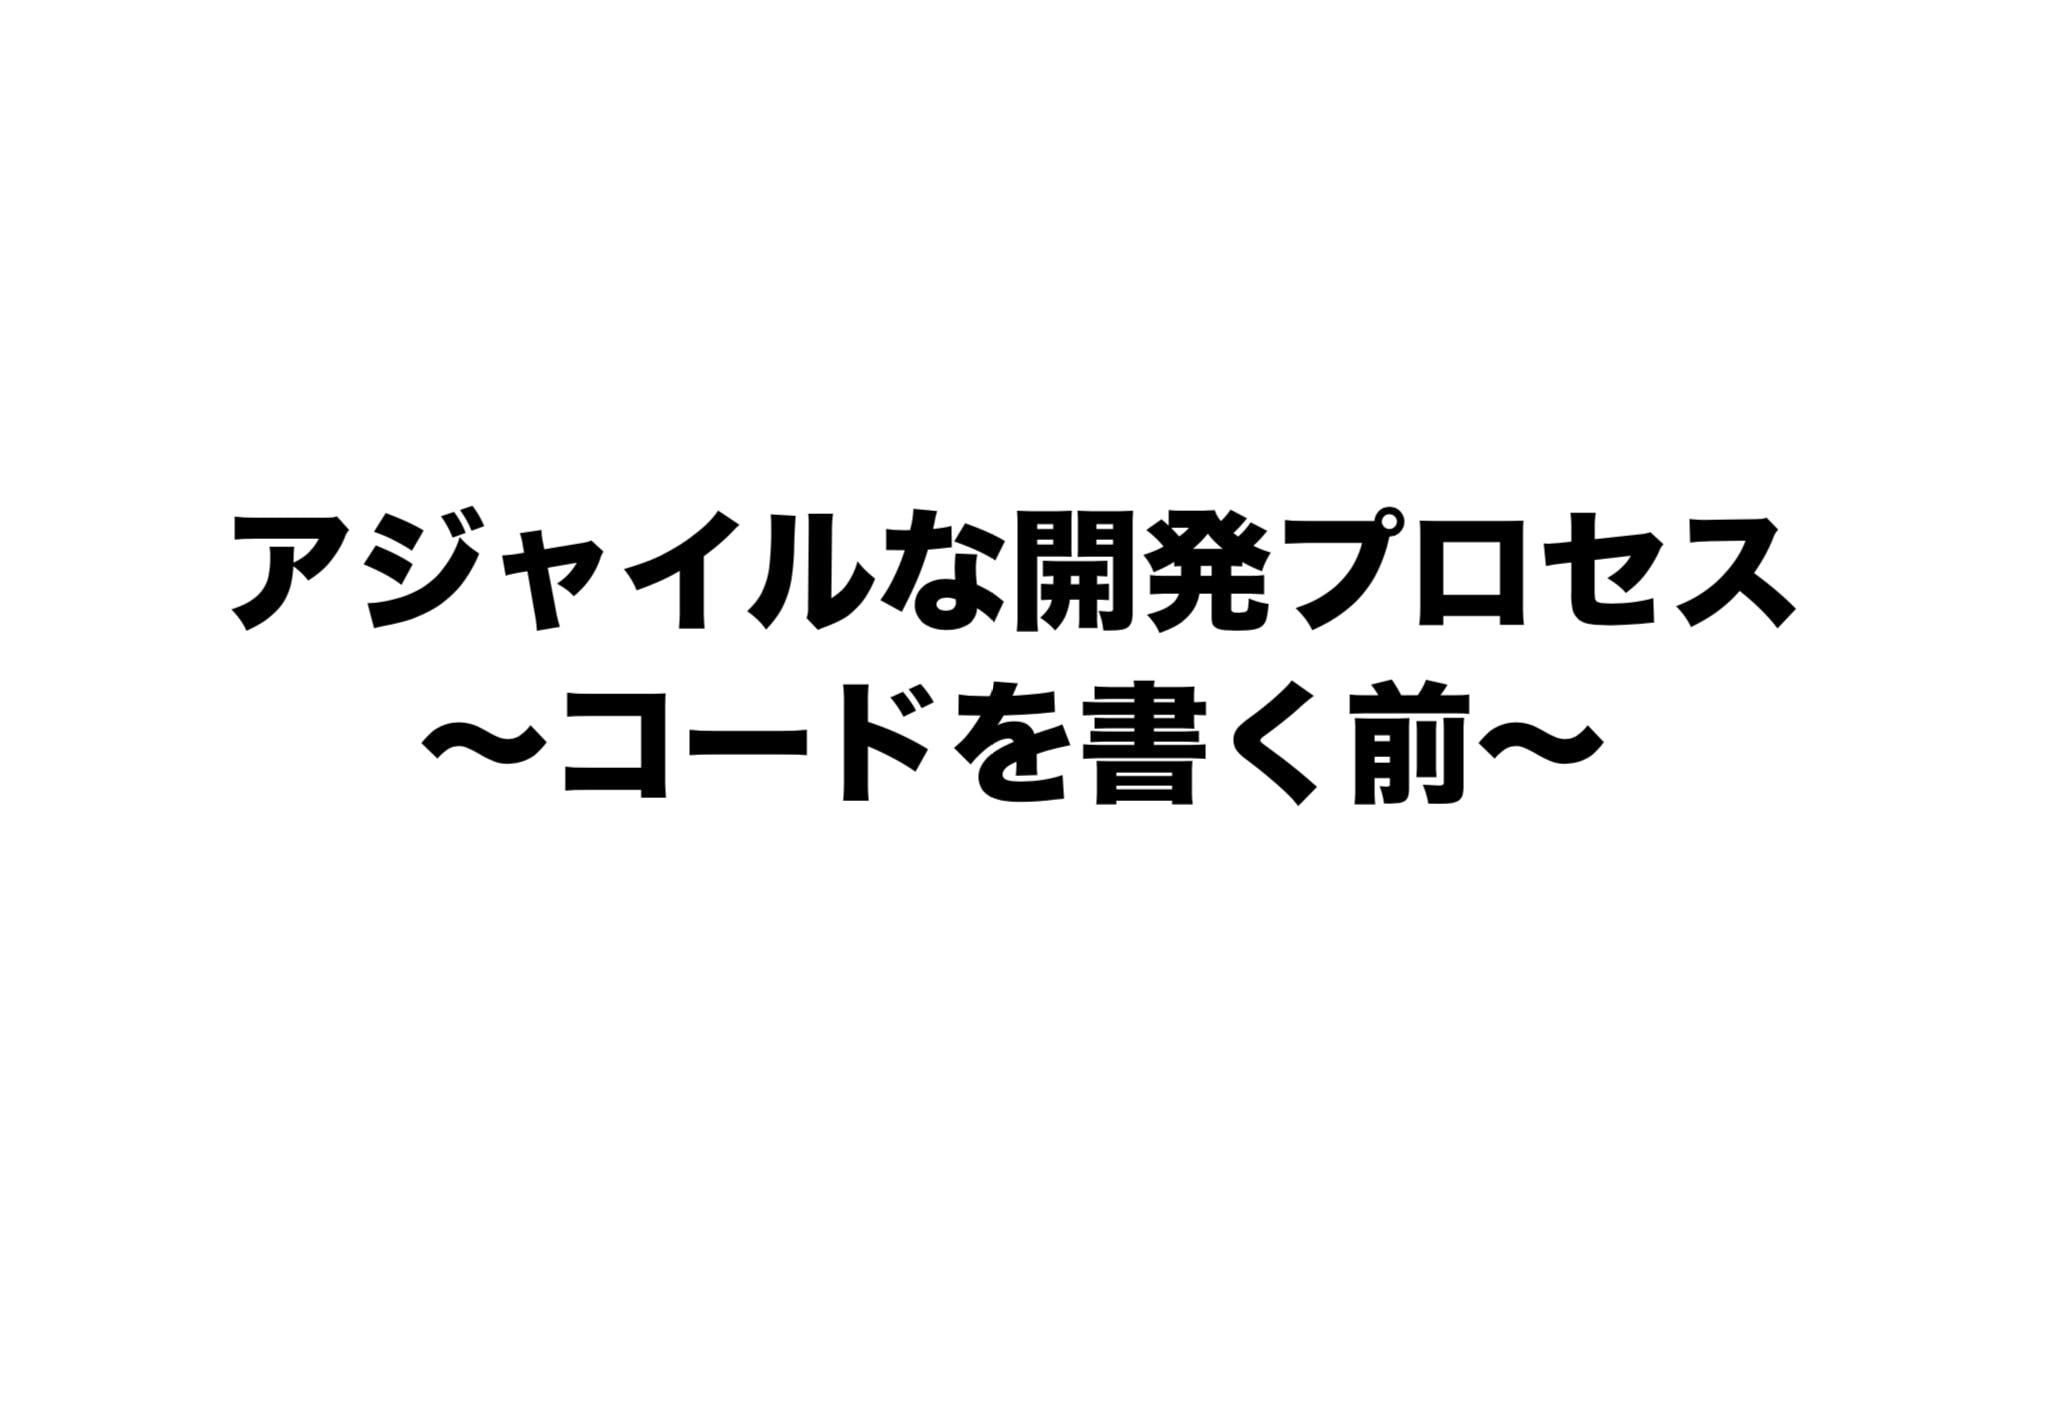 スクリーンショット 2018-07-21 2.49.49.png